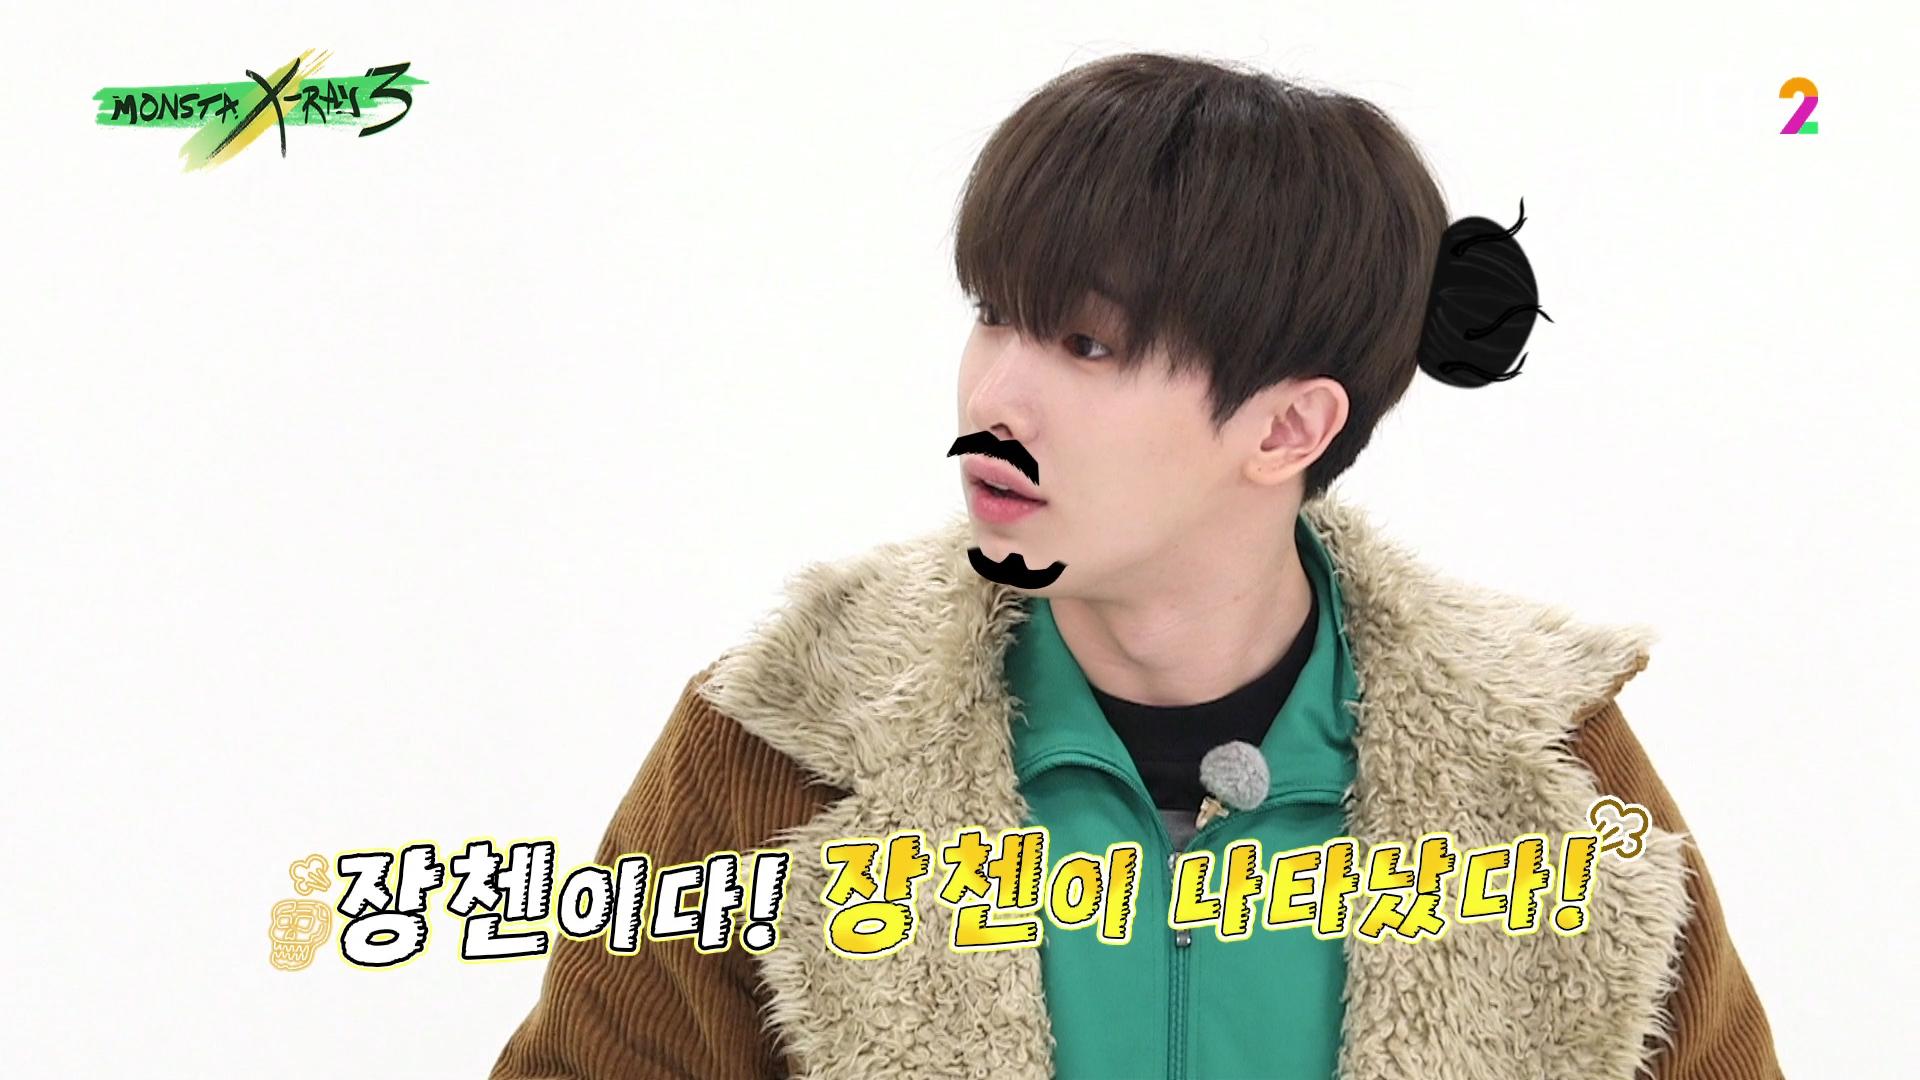 MONSTA X-RAY 3 (몬스타엑스레이 3) 5화 선공개 영상